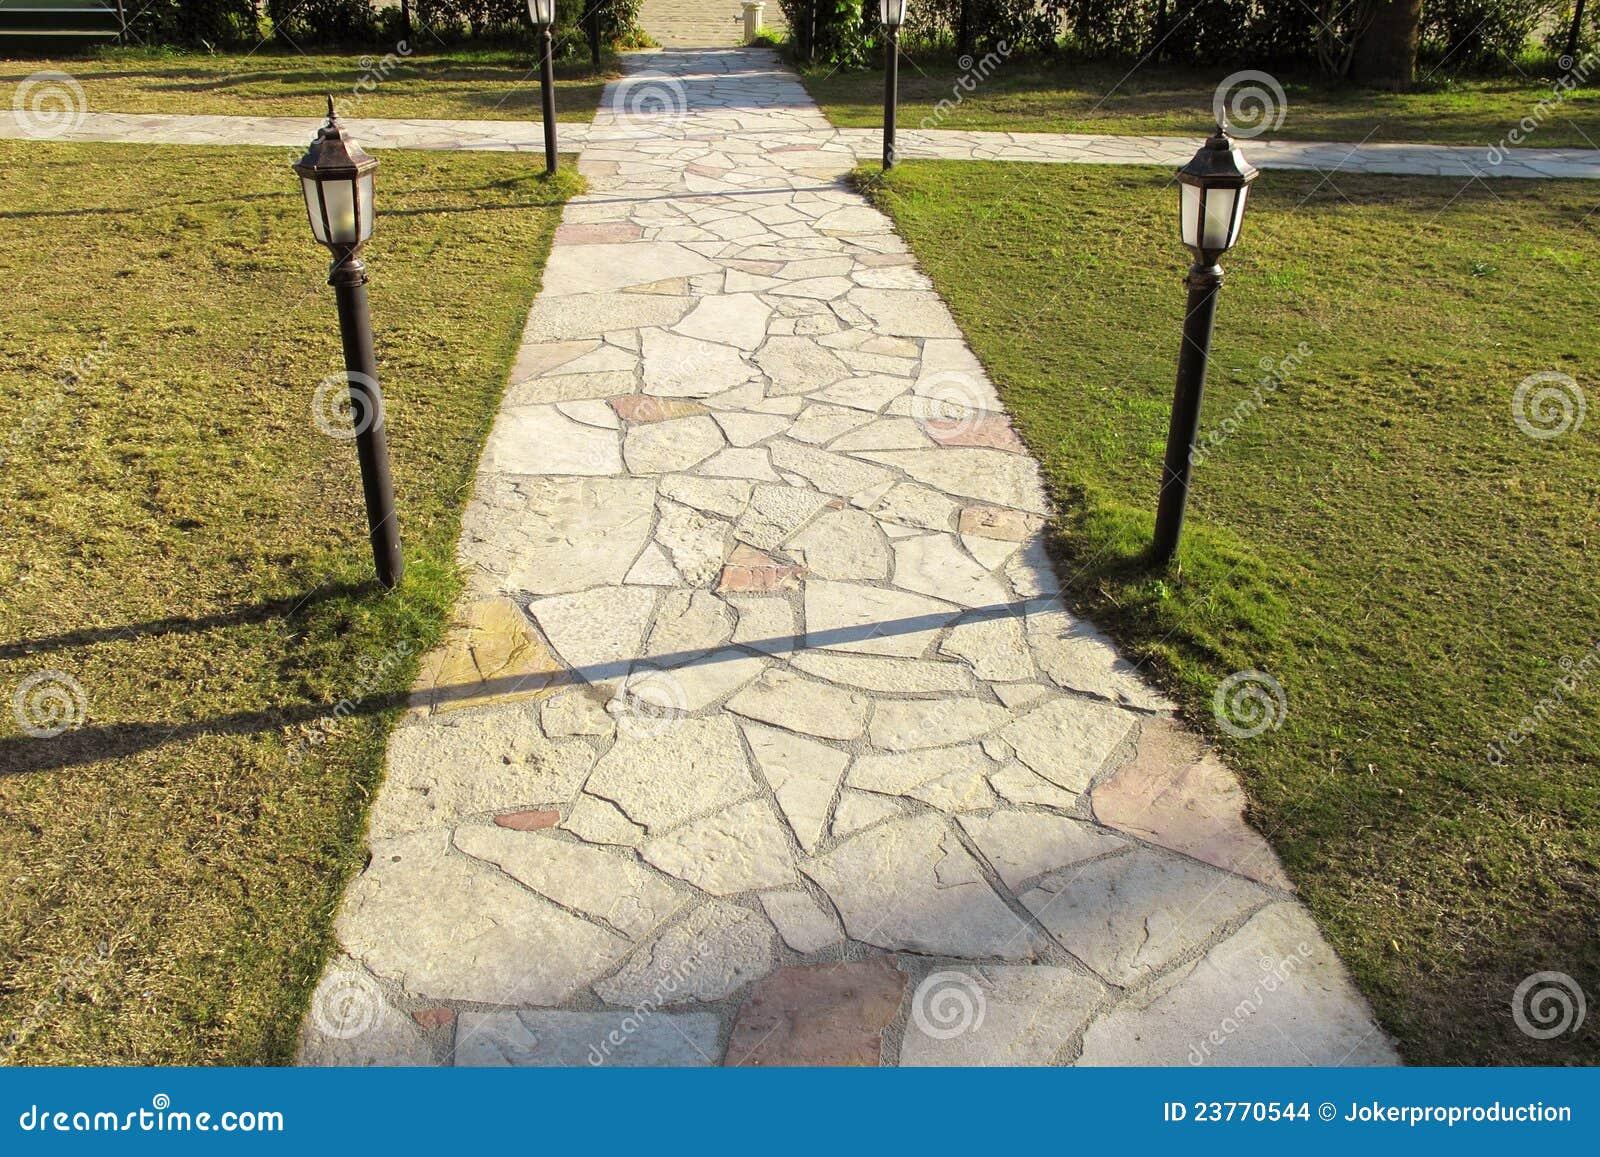 Lapidi la pavimentazione in giardino fotografia stock - Pavimentazione giardino in pietra ...